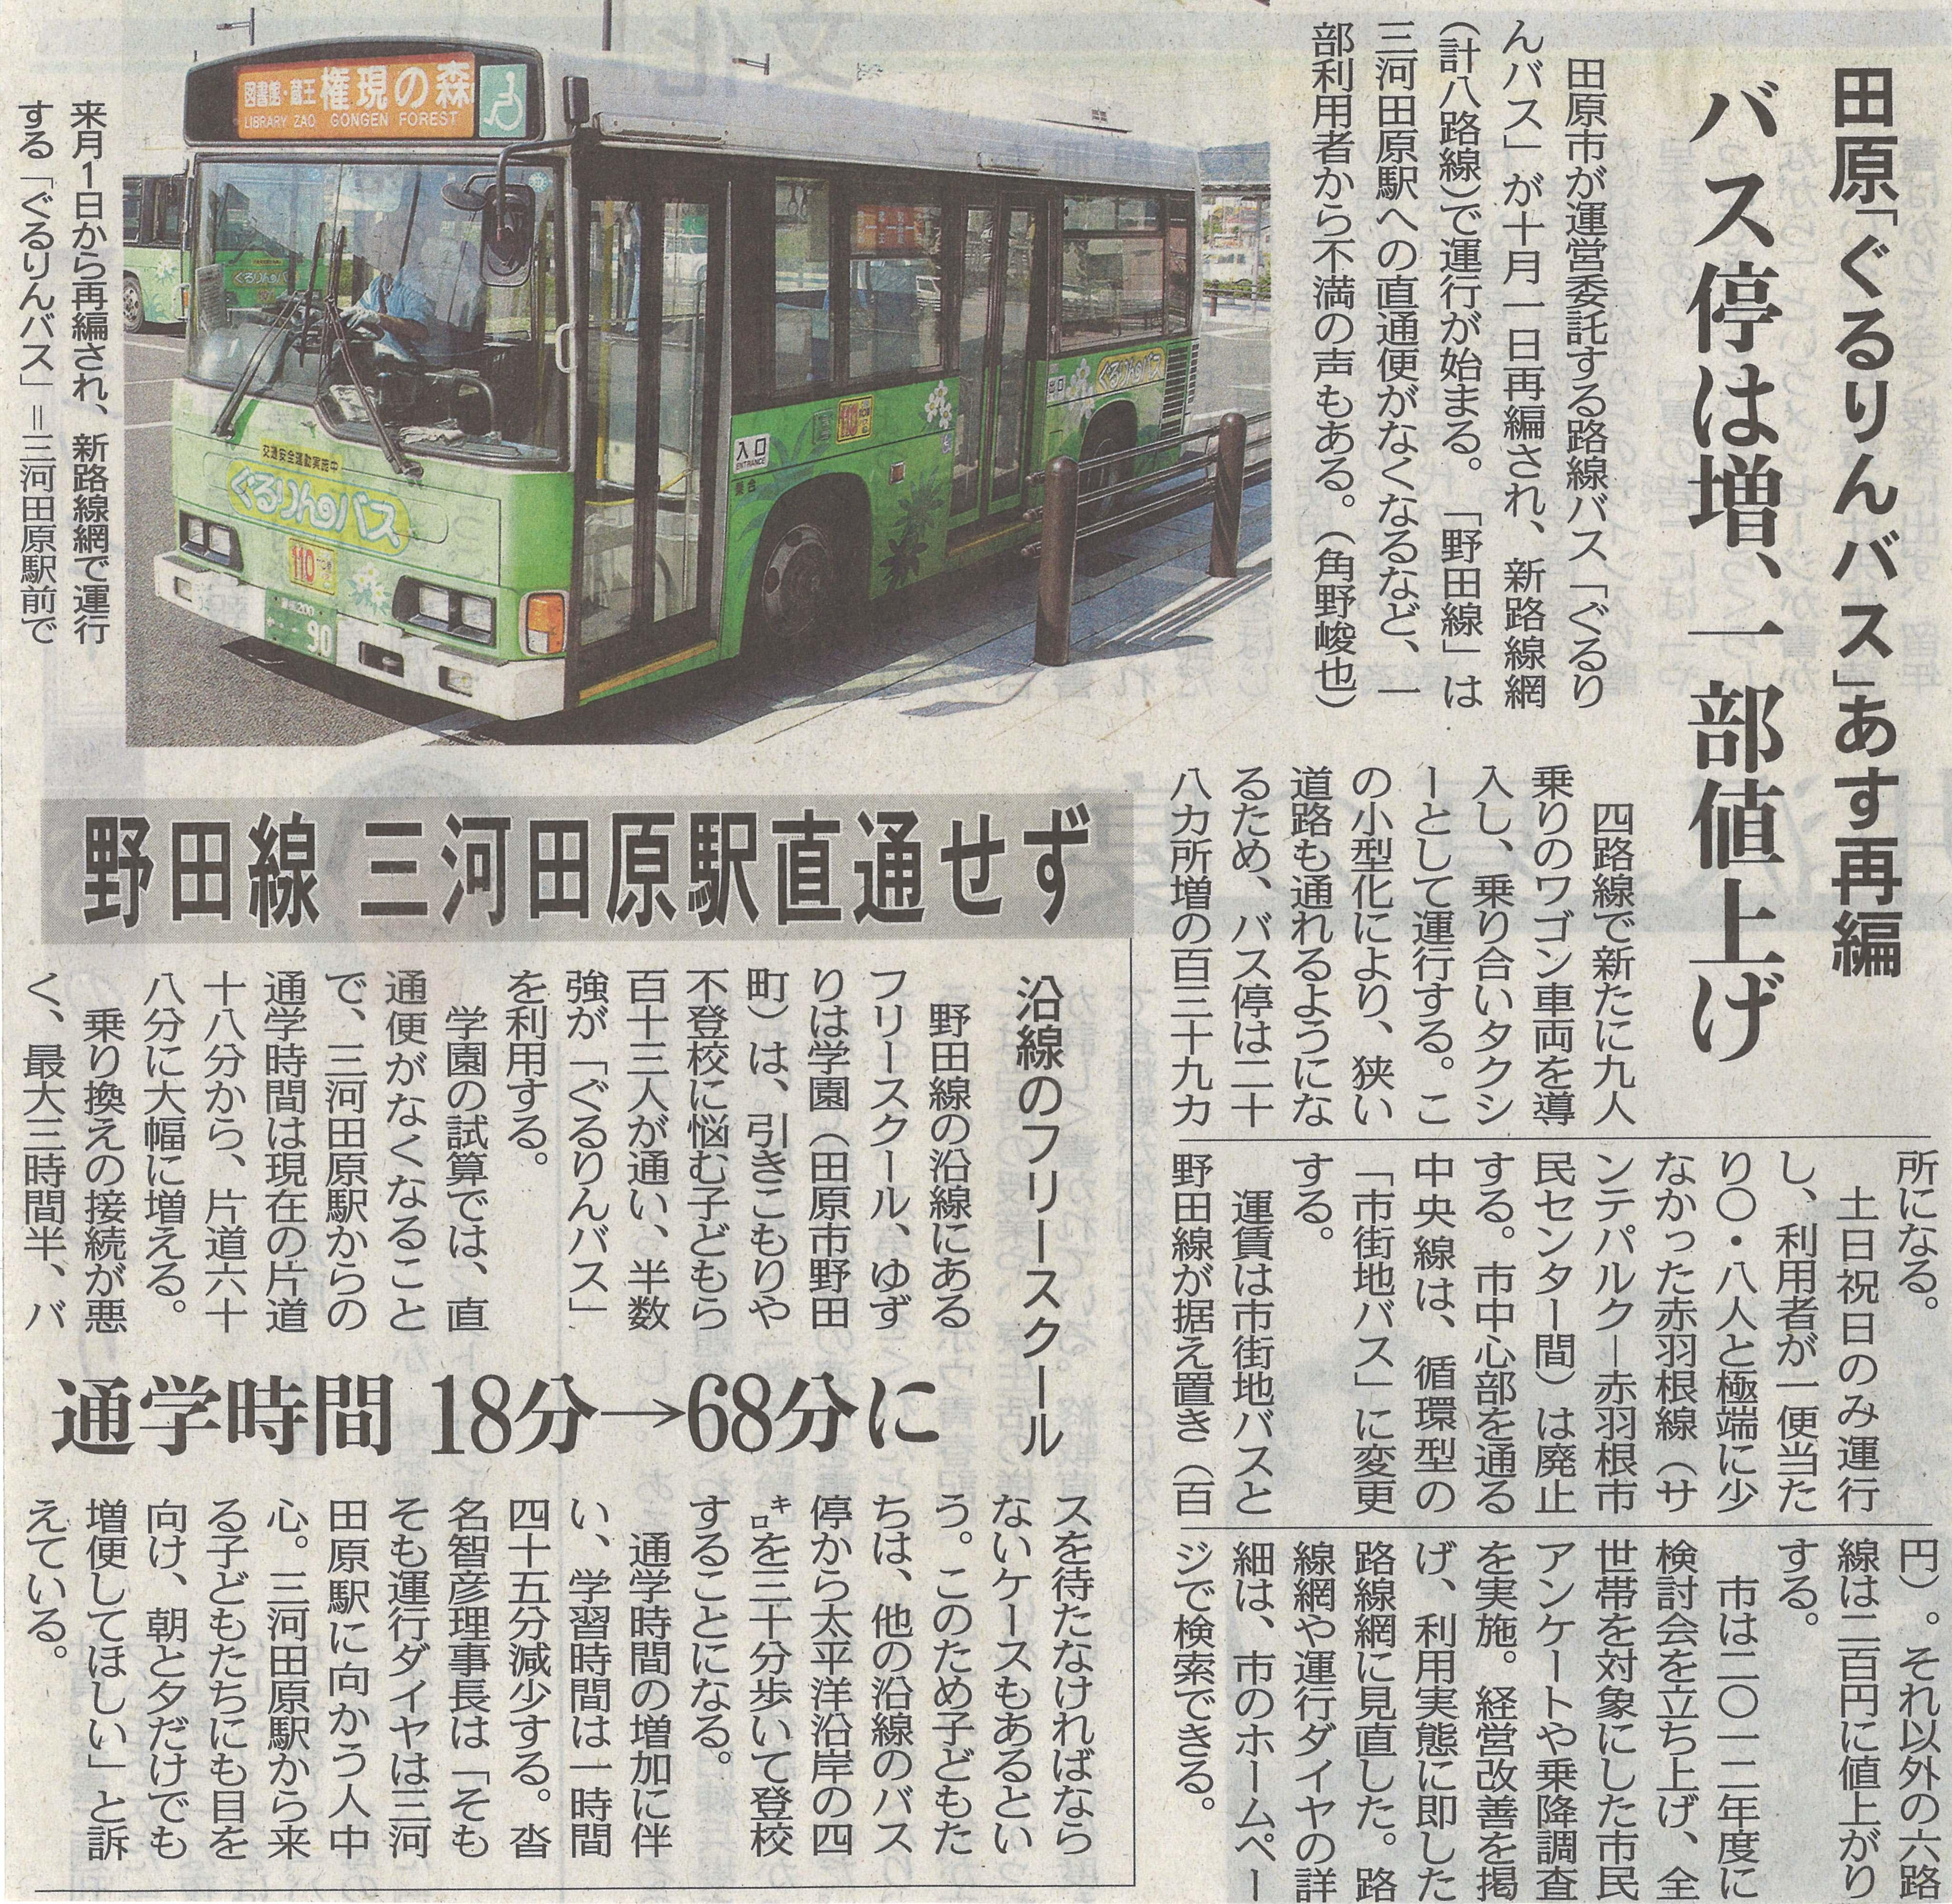 018_田原「ぐるりんバス」あす再編 バス停は増、一部値上げ